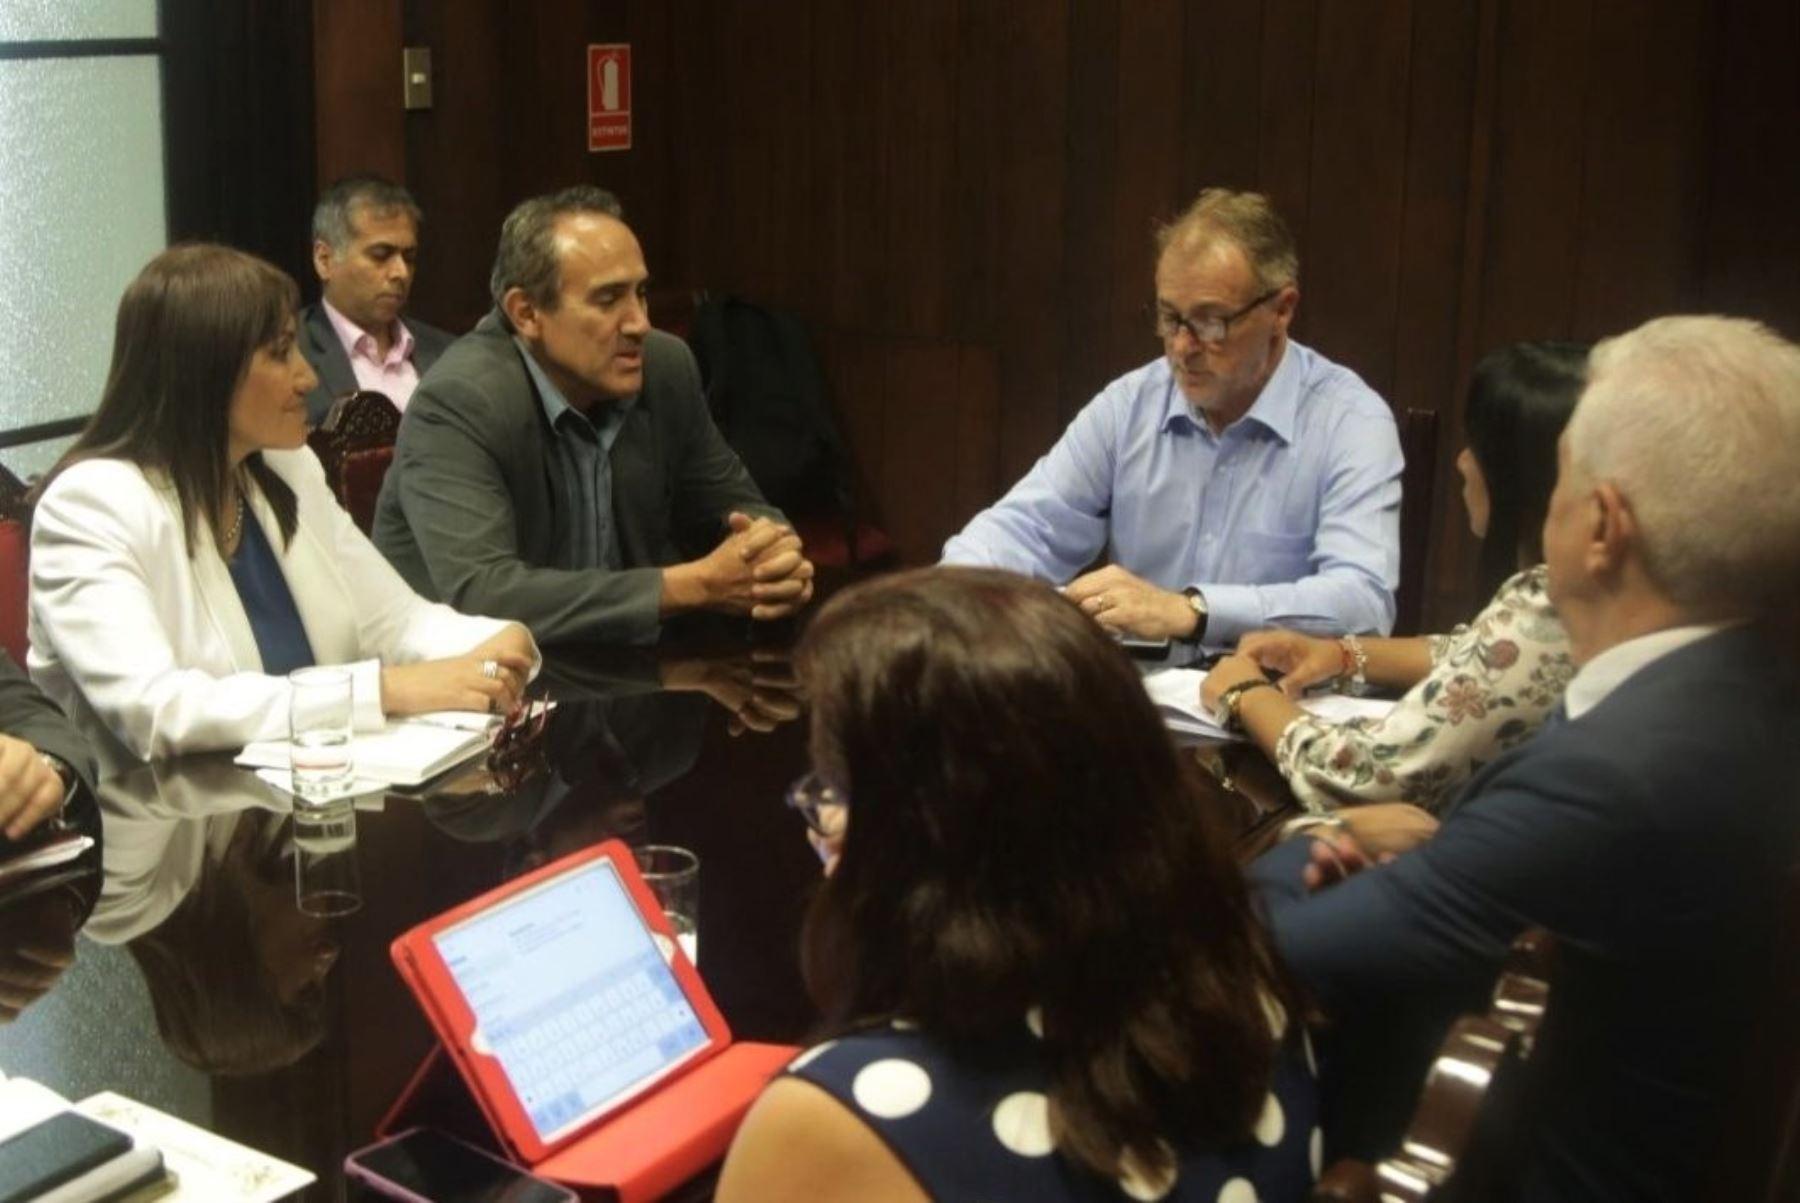 La titular de la ATU, María Jara, sostuvo una reunión técnica con el alcalde Jorge Muñoz y el viceministro Carlos Estremadoyro.